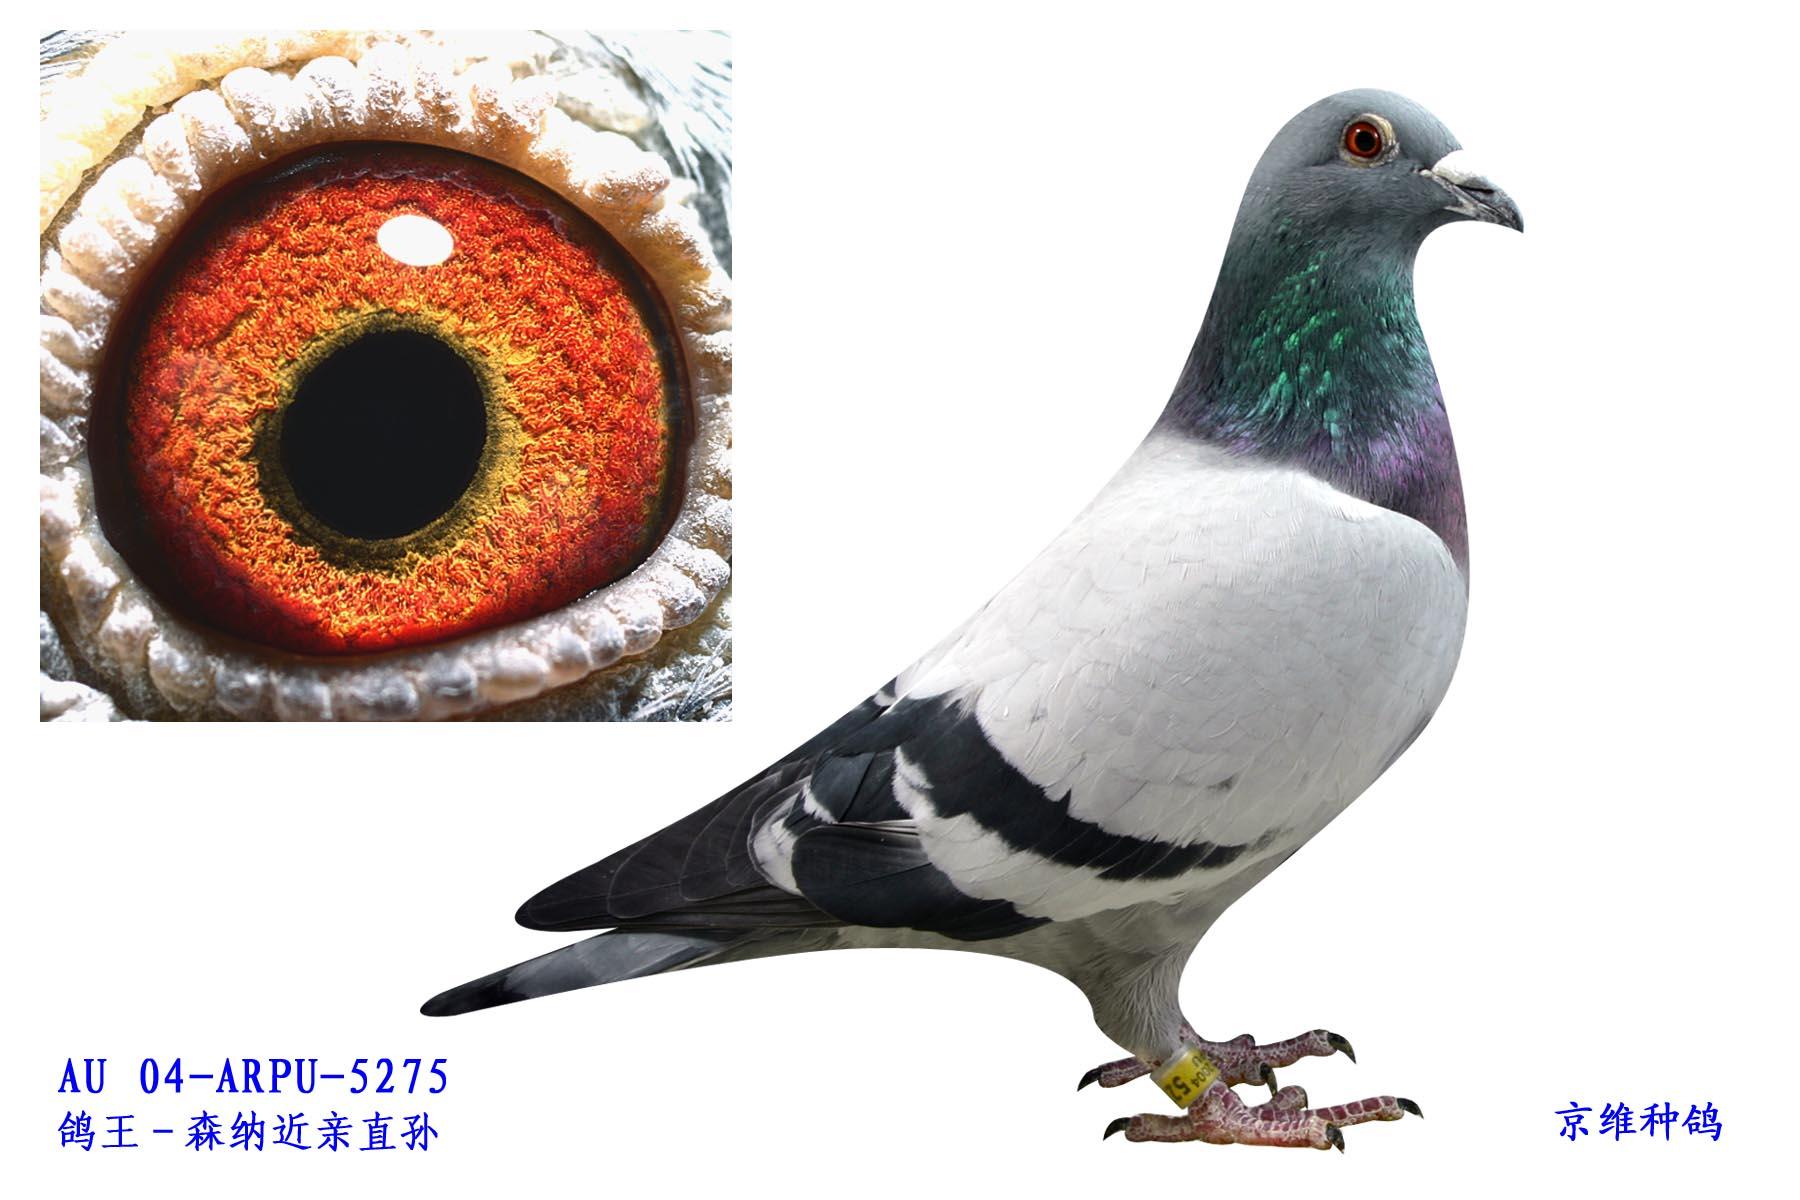 超级73号 凡龙 5275 雄 北京京维种鸽养殖中心